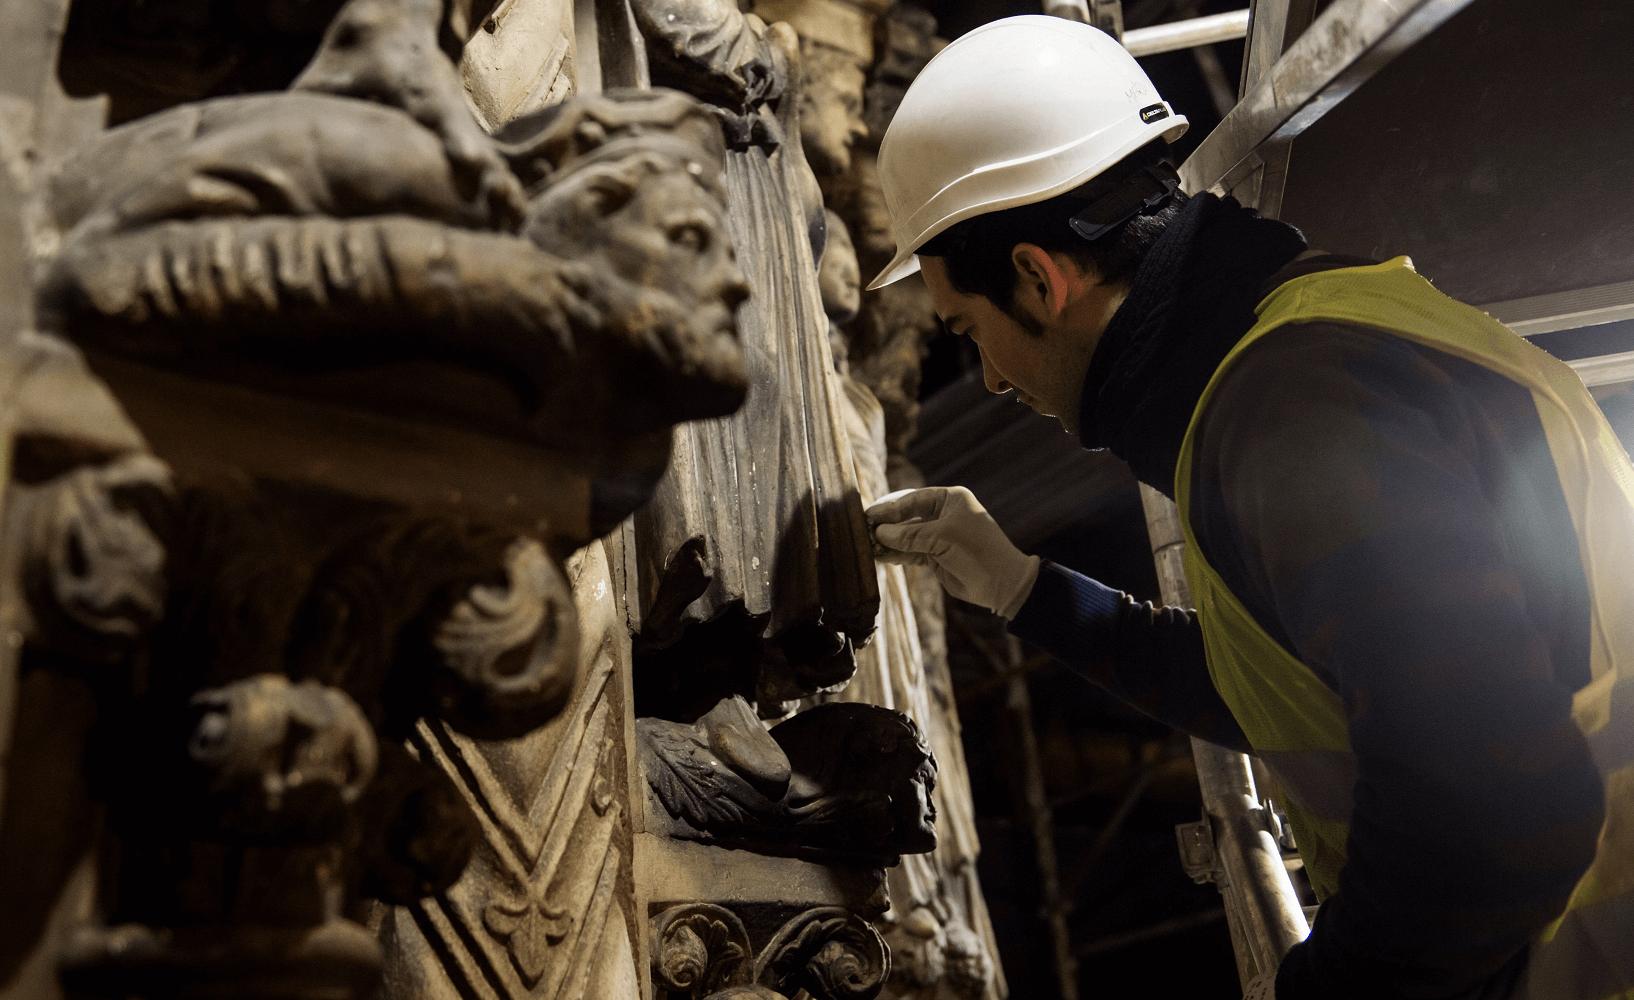 Év végére elkészül a Szépművészeti Múzeum felújításával a Magyar Építő